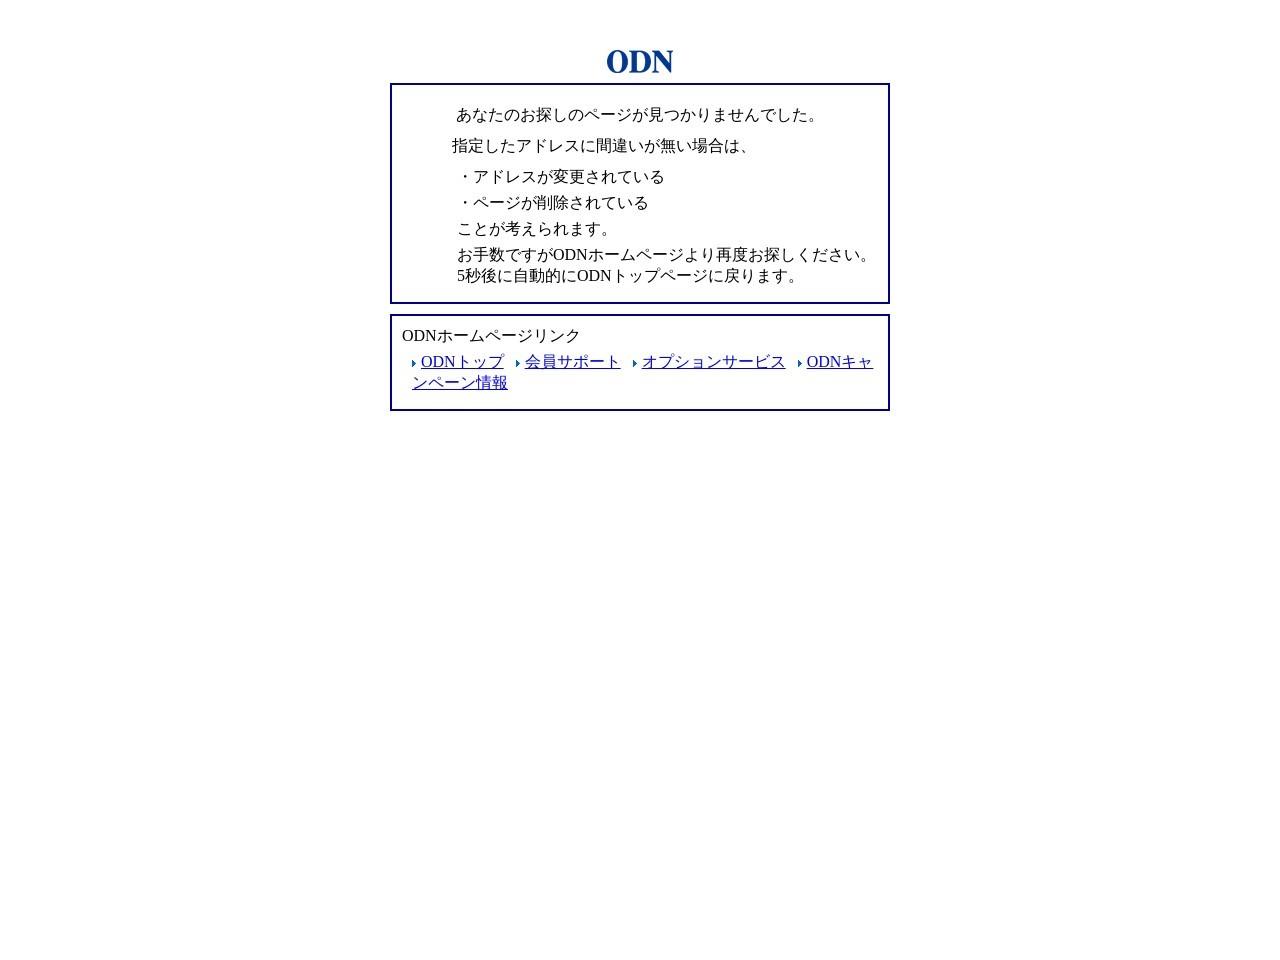 イベント・レントオール有限会社